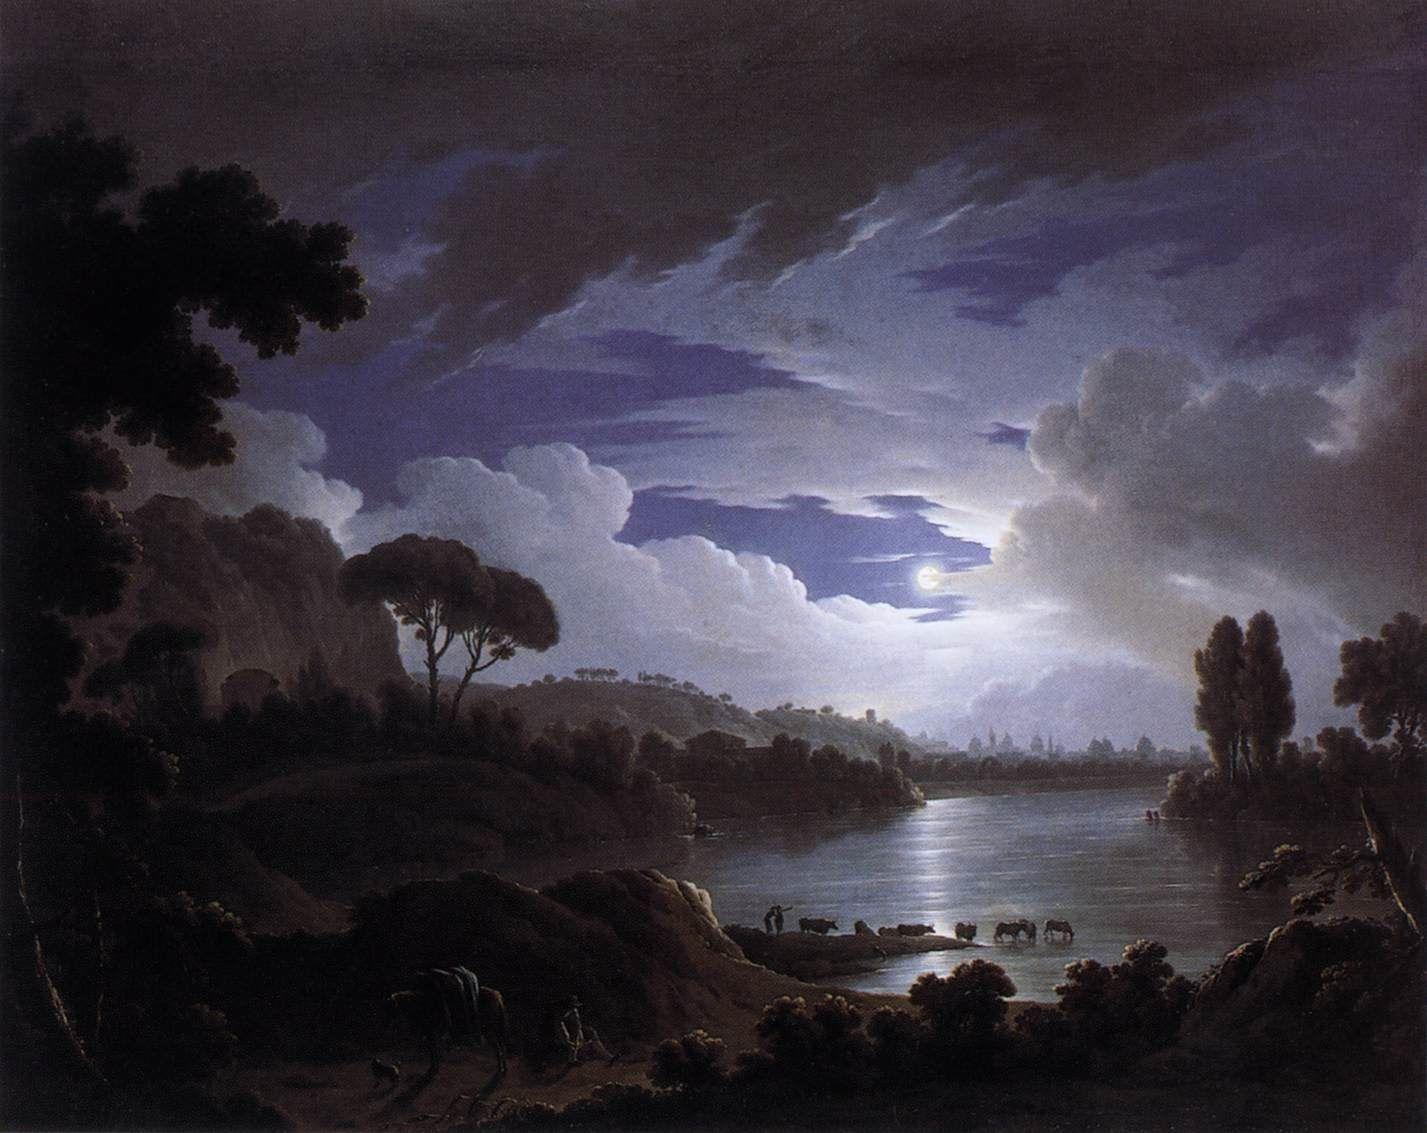 Scène éclairée par la lune sur le Tibre près de Rome, Michael Wutky (1739, Krems - 1822, Vienne)